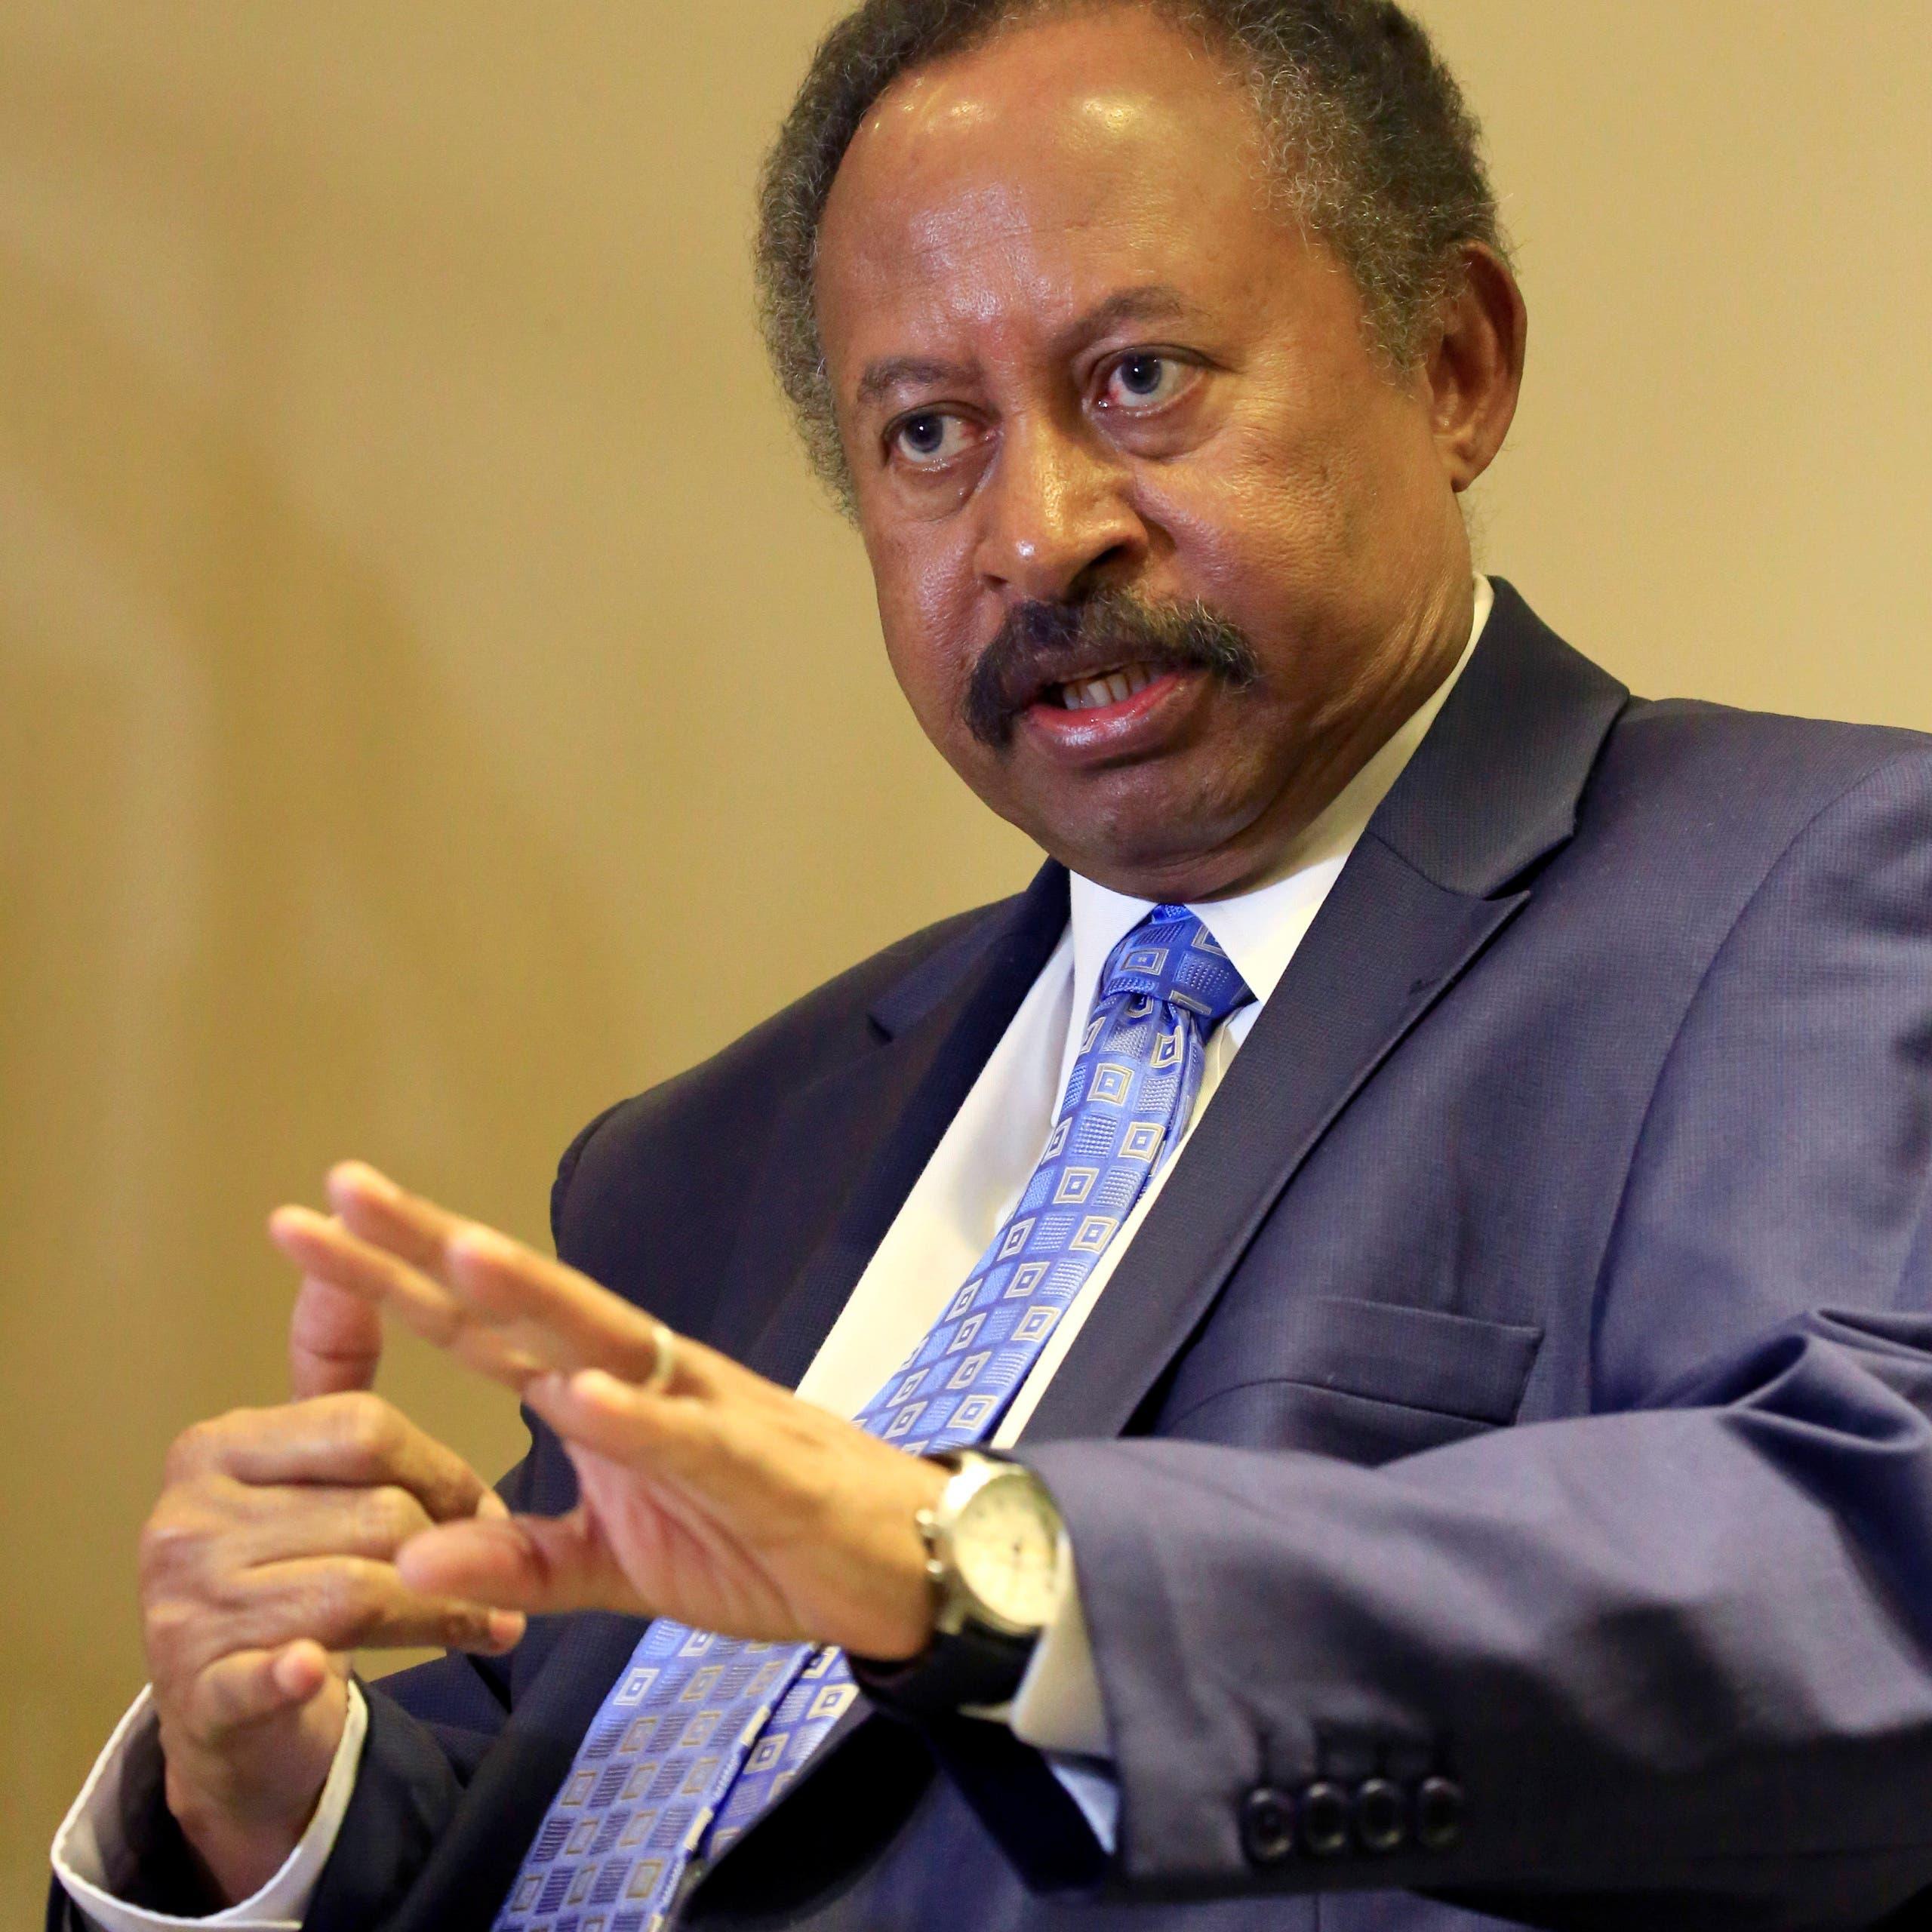 حكومة السودان على نار هادئة.. التغيير تبحث ملاحظات حمدوك